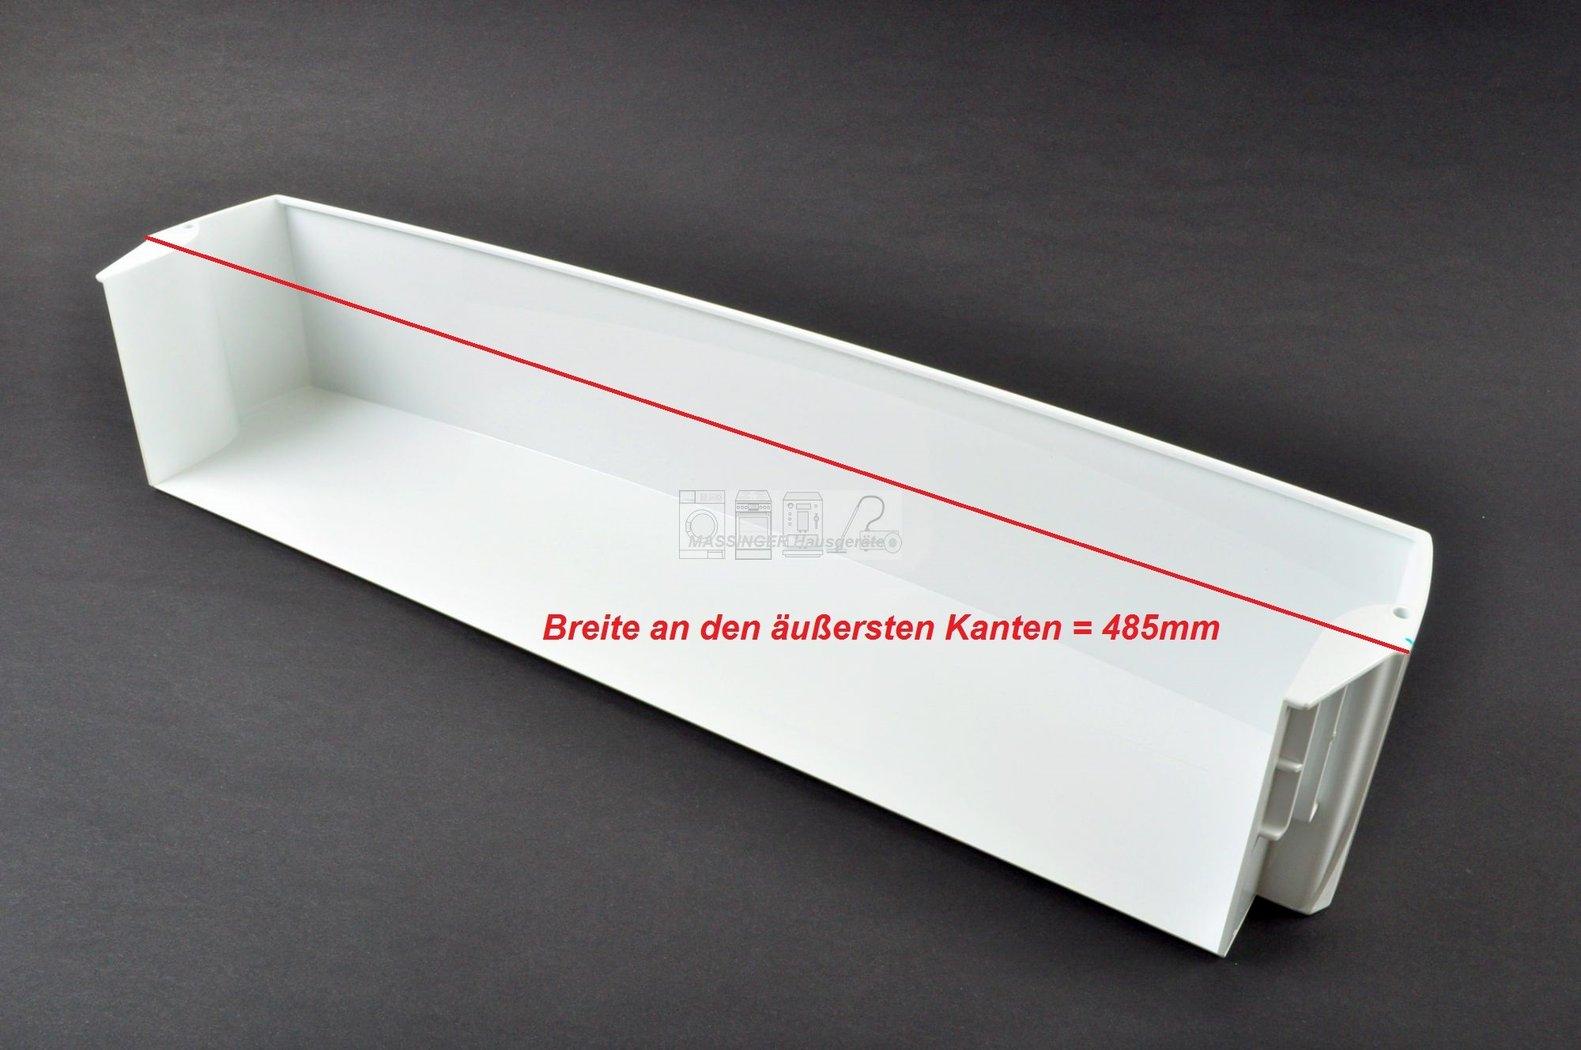 Aeg Electrolux Santo Kühlschrank : Kühlschrank camping electrolux rm jennifer h juarez